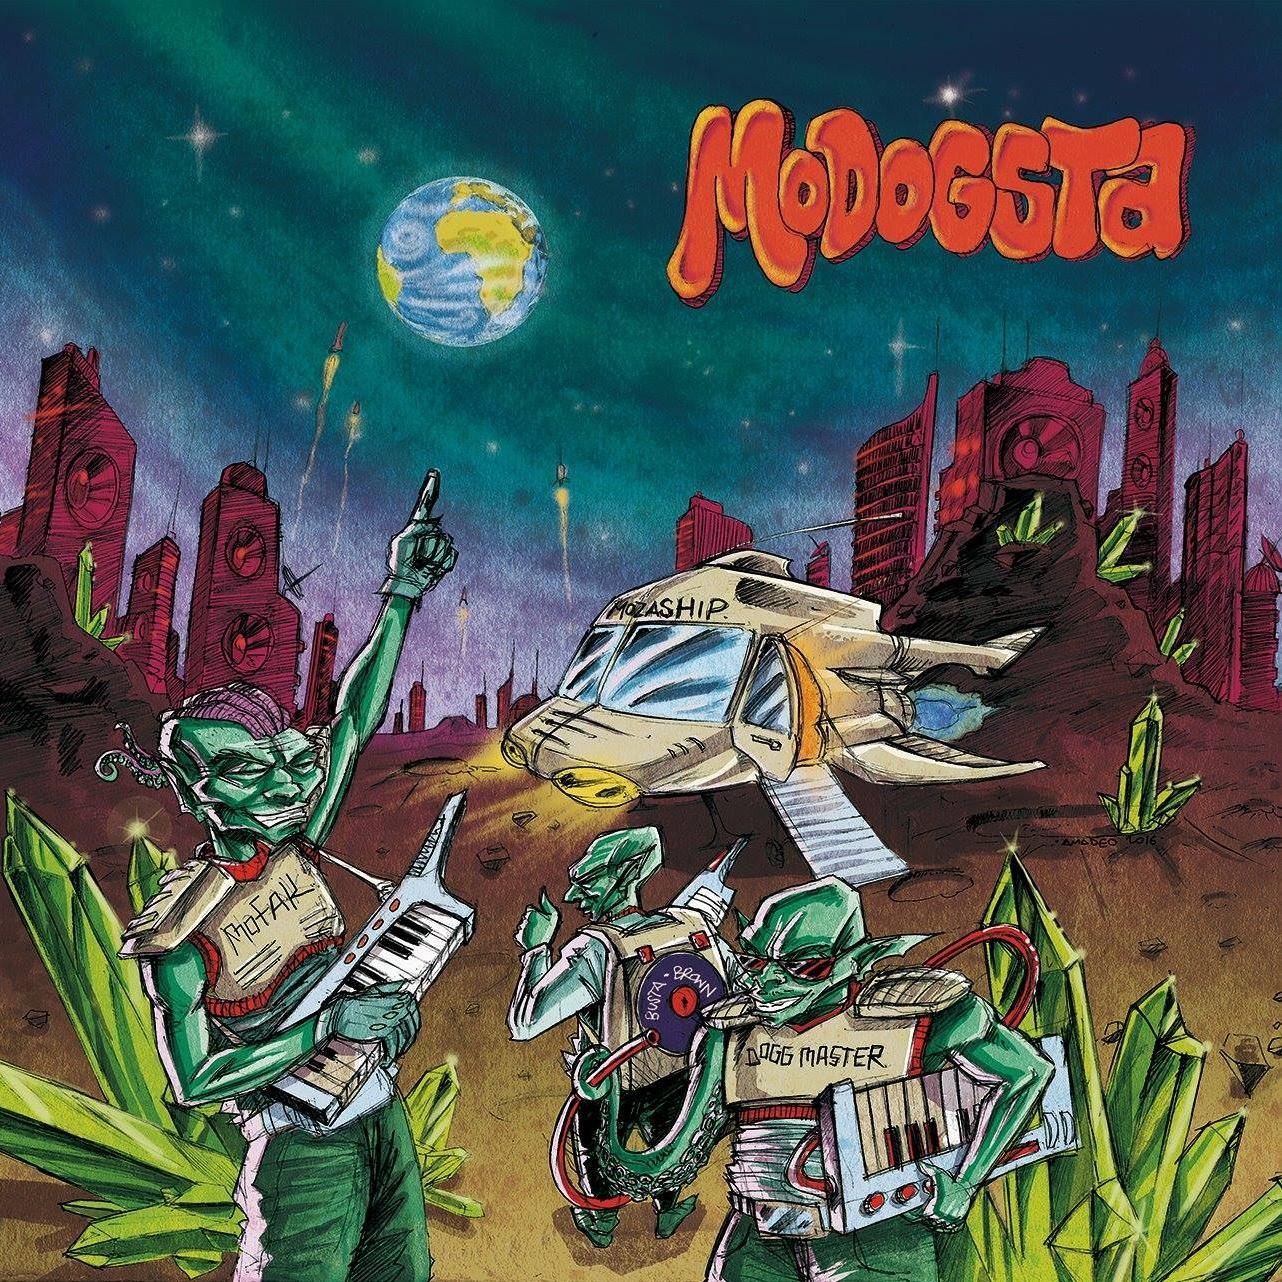 Modogsta CD Album (10.10.2016)